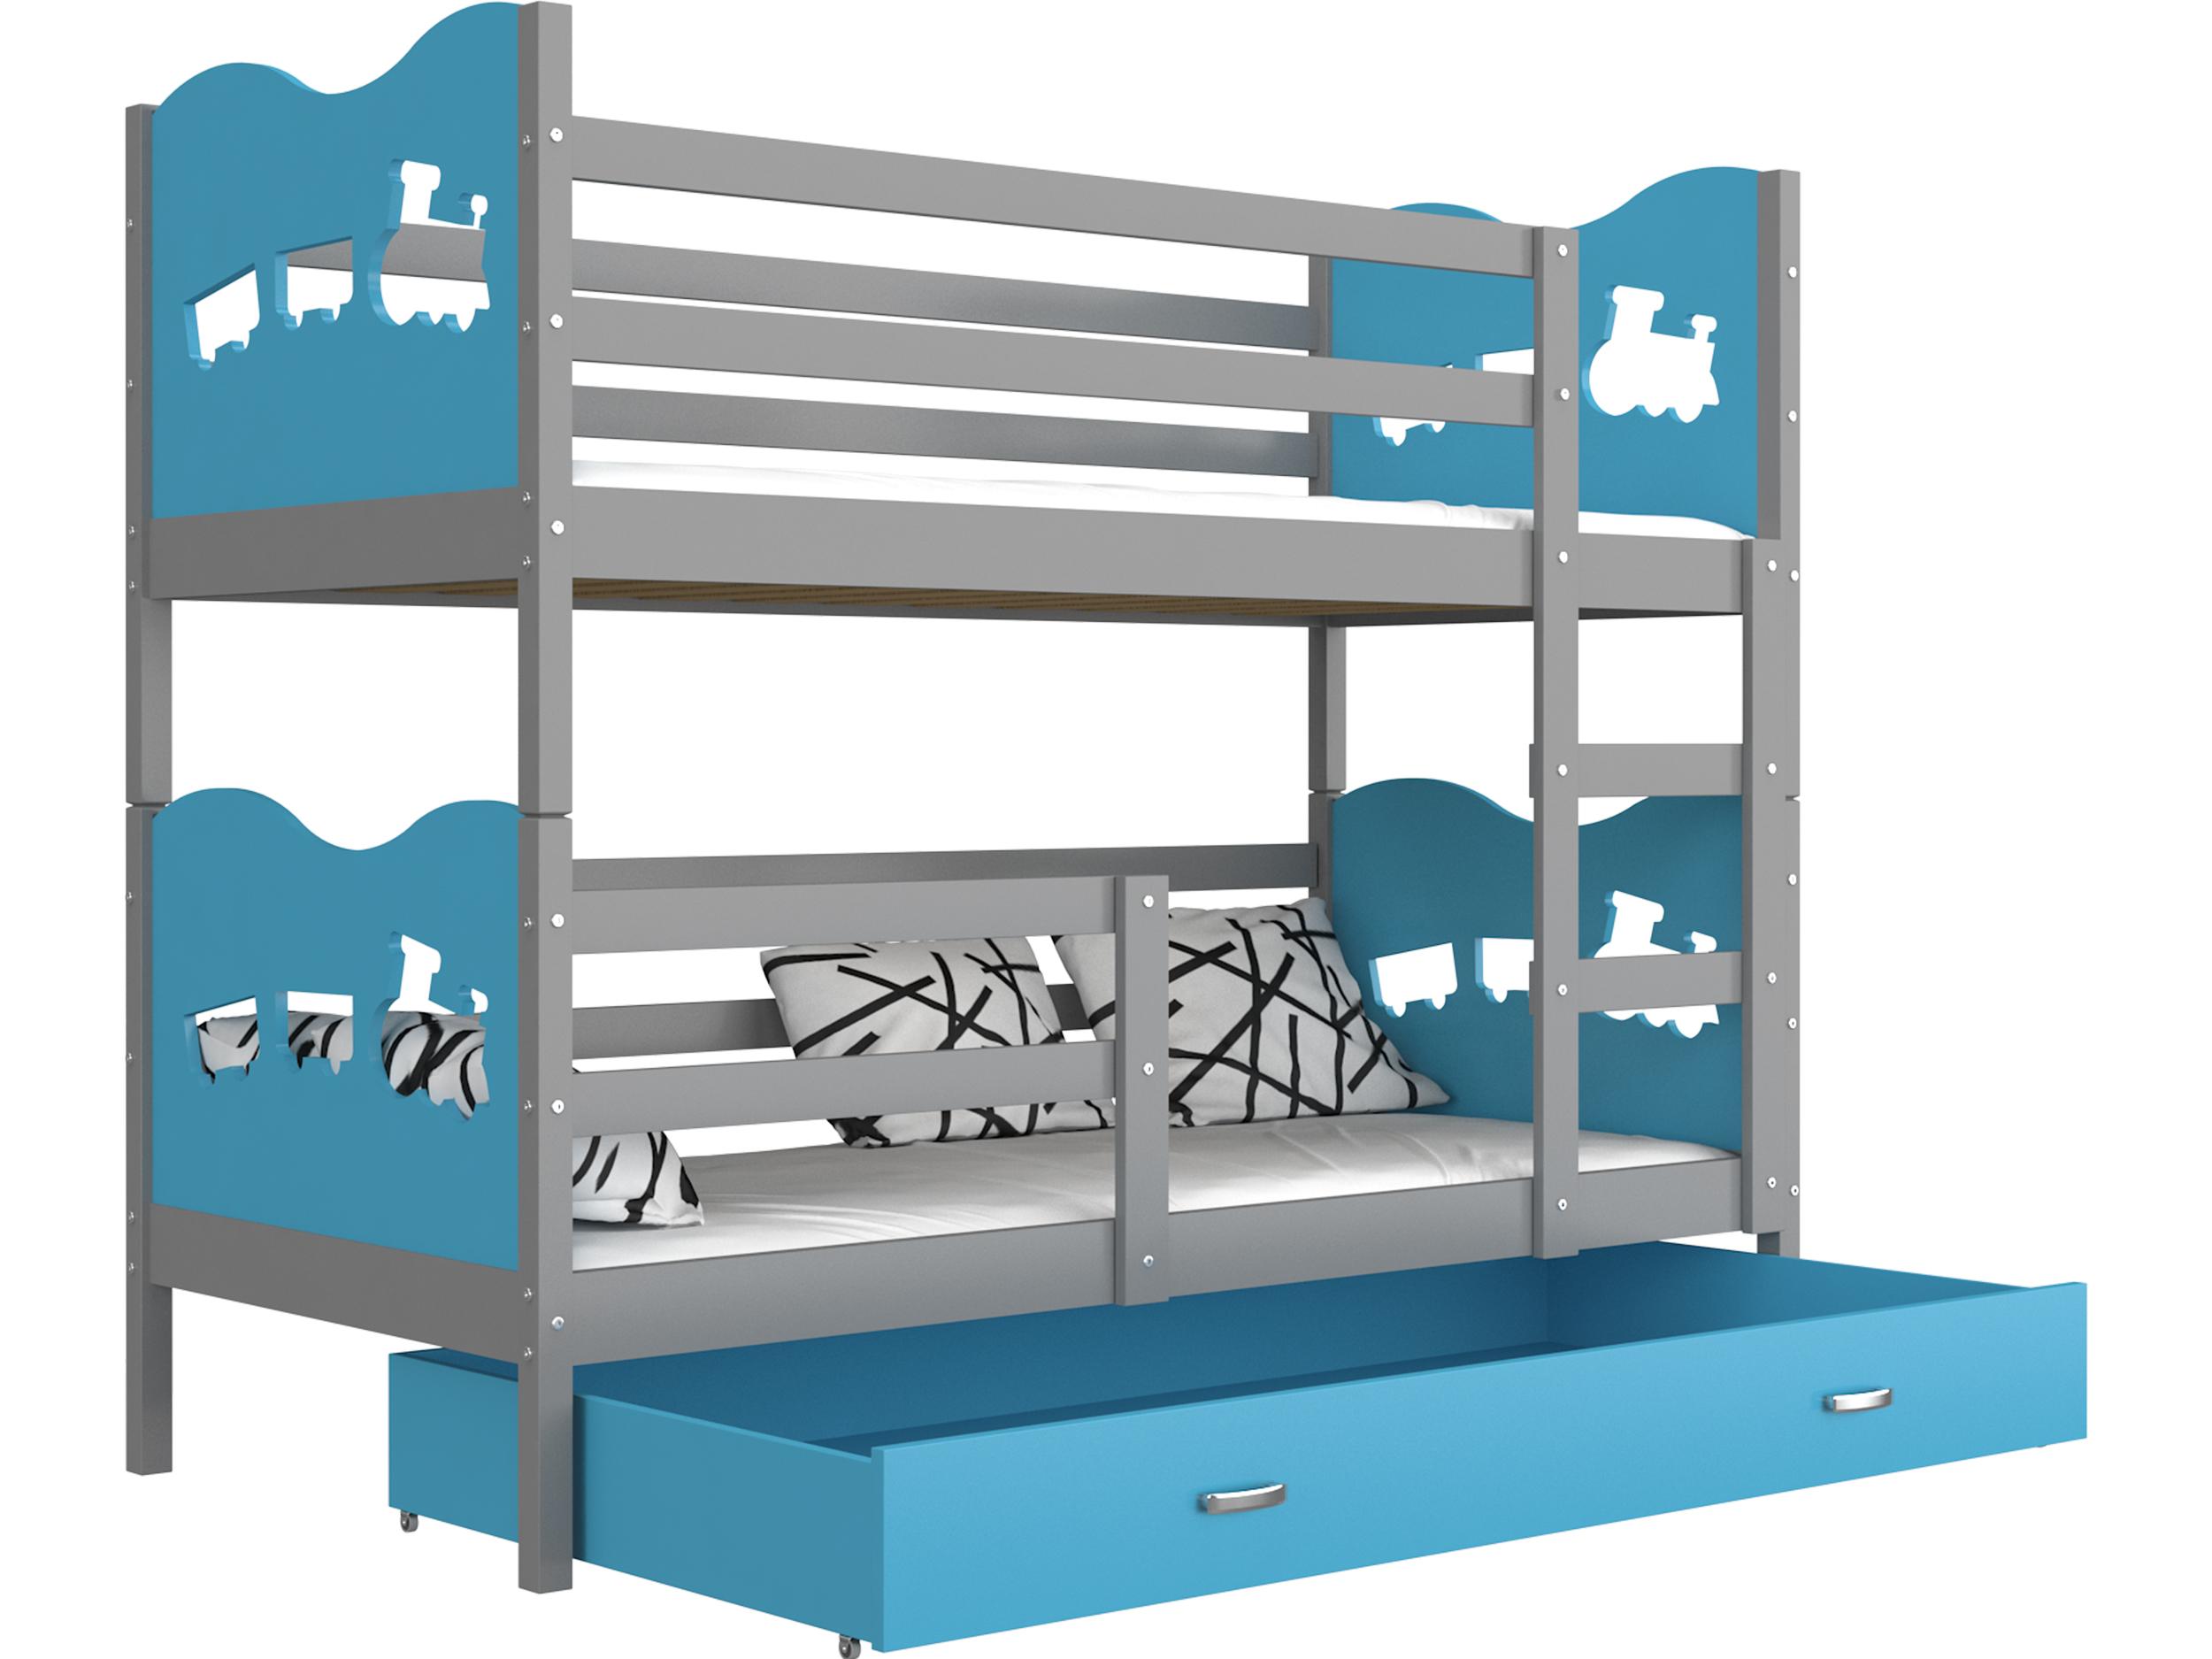 ArtAJ Detská poschodová posteľ MAX / MDF 200 x 90 cm Farba: sivá / modrá, s matracom 200 x 90 cm